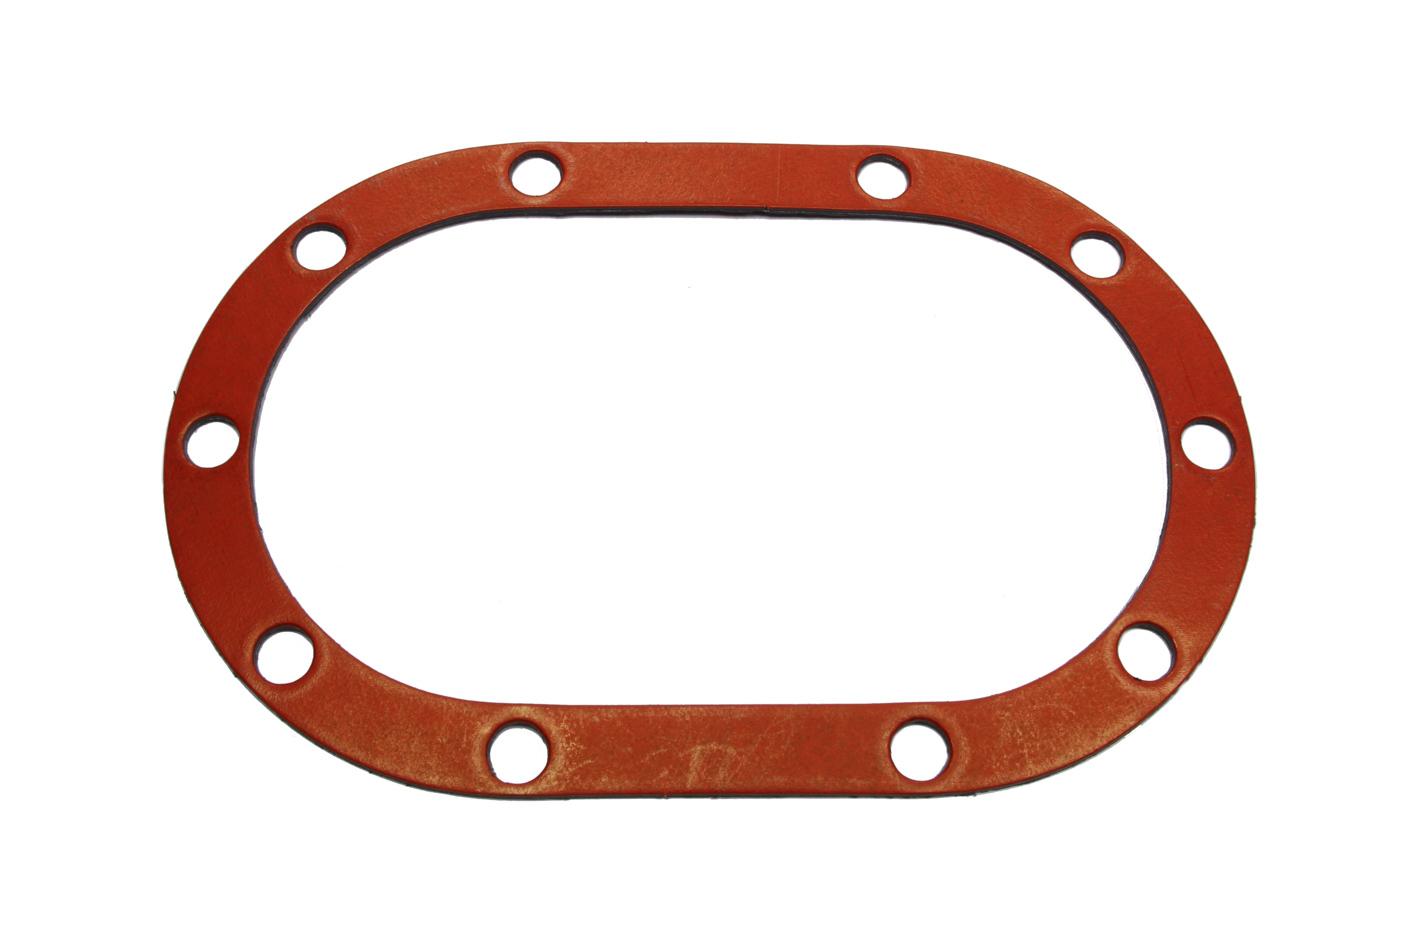 Sce Gaskets Quick Change Rear Cover Gasket w/Steel Core